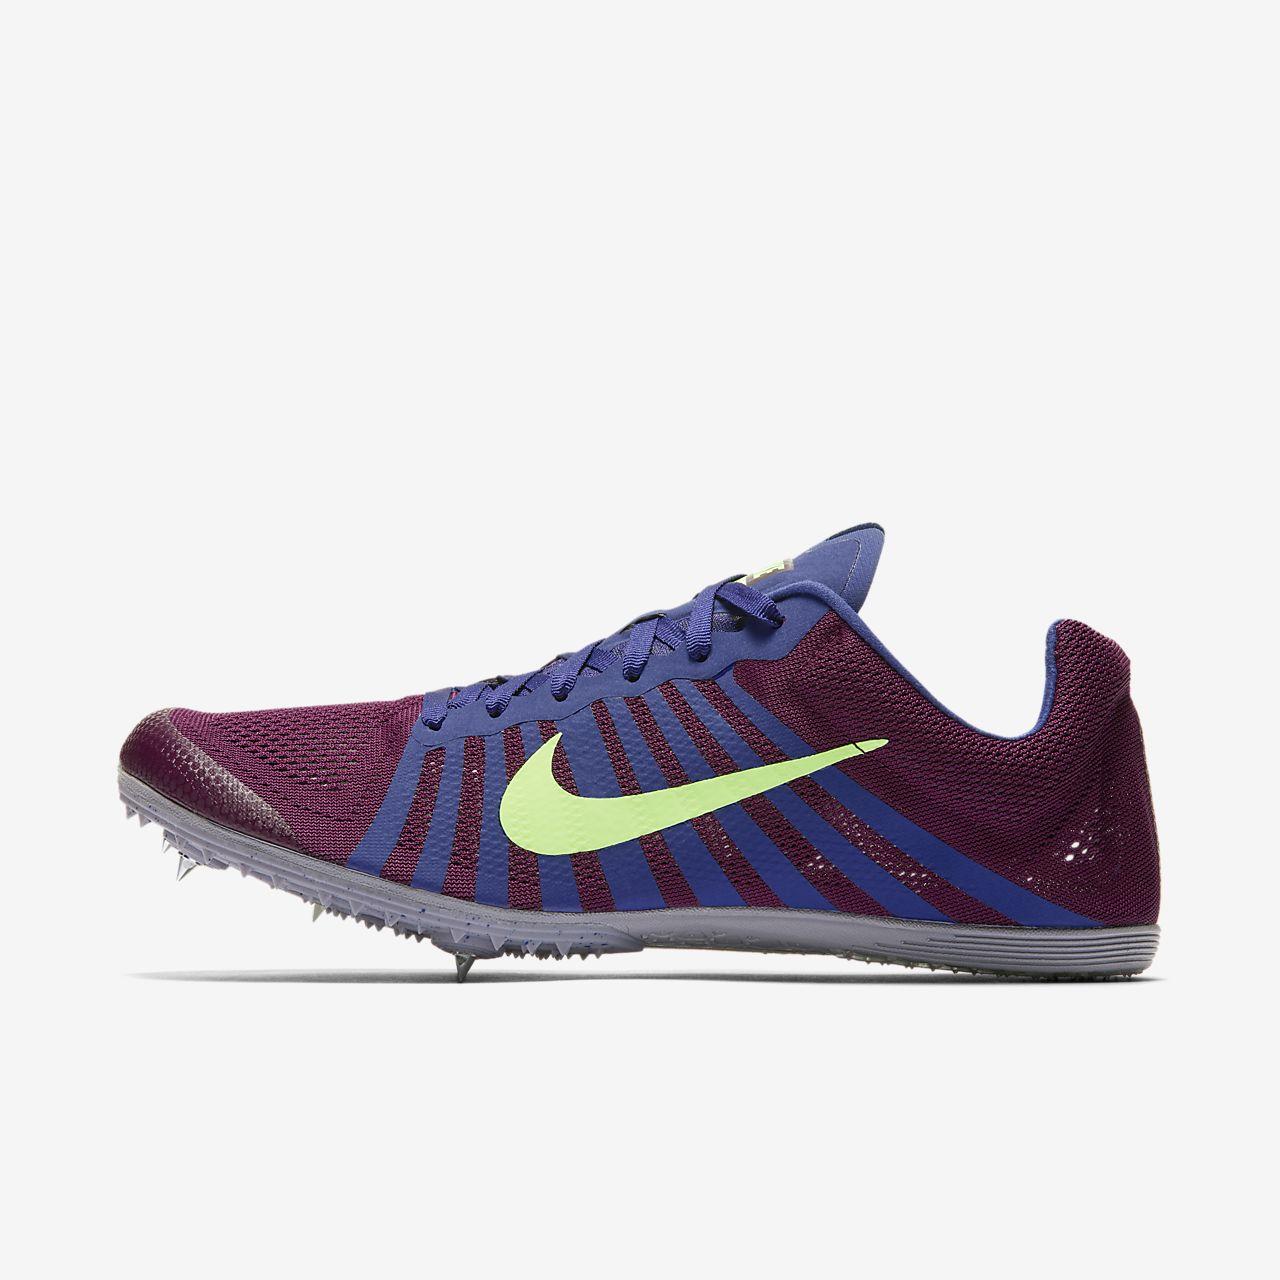 watch c9efc 84a0c ... Nike Zoom D Zapatillas con clavos de carrera - Unisex